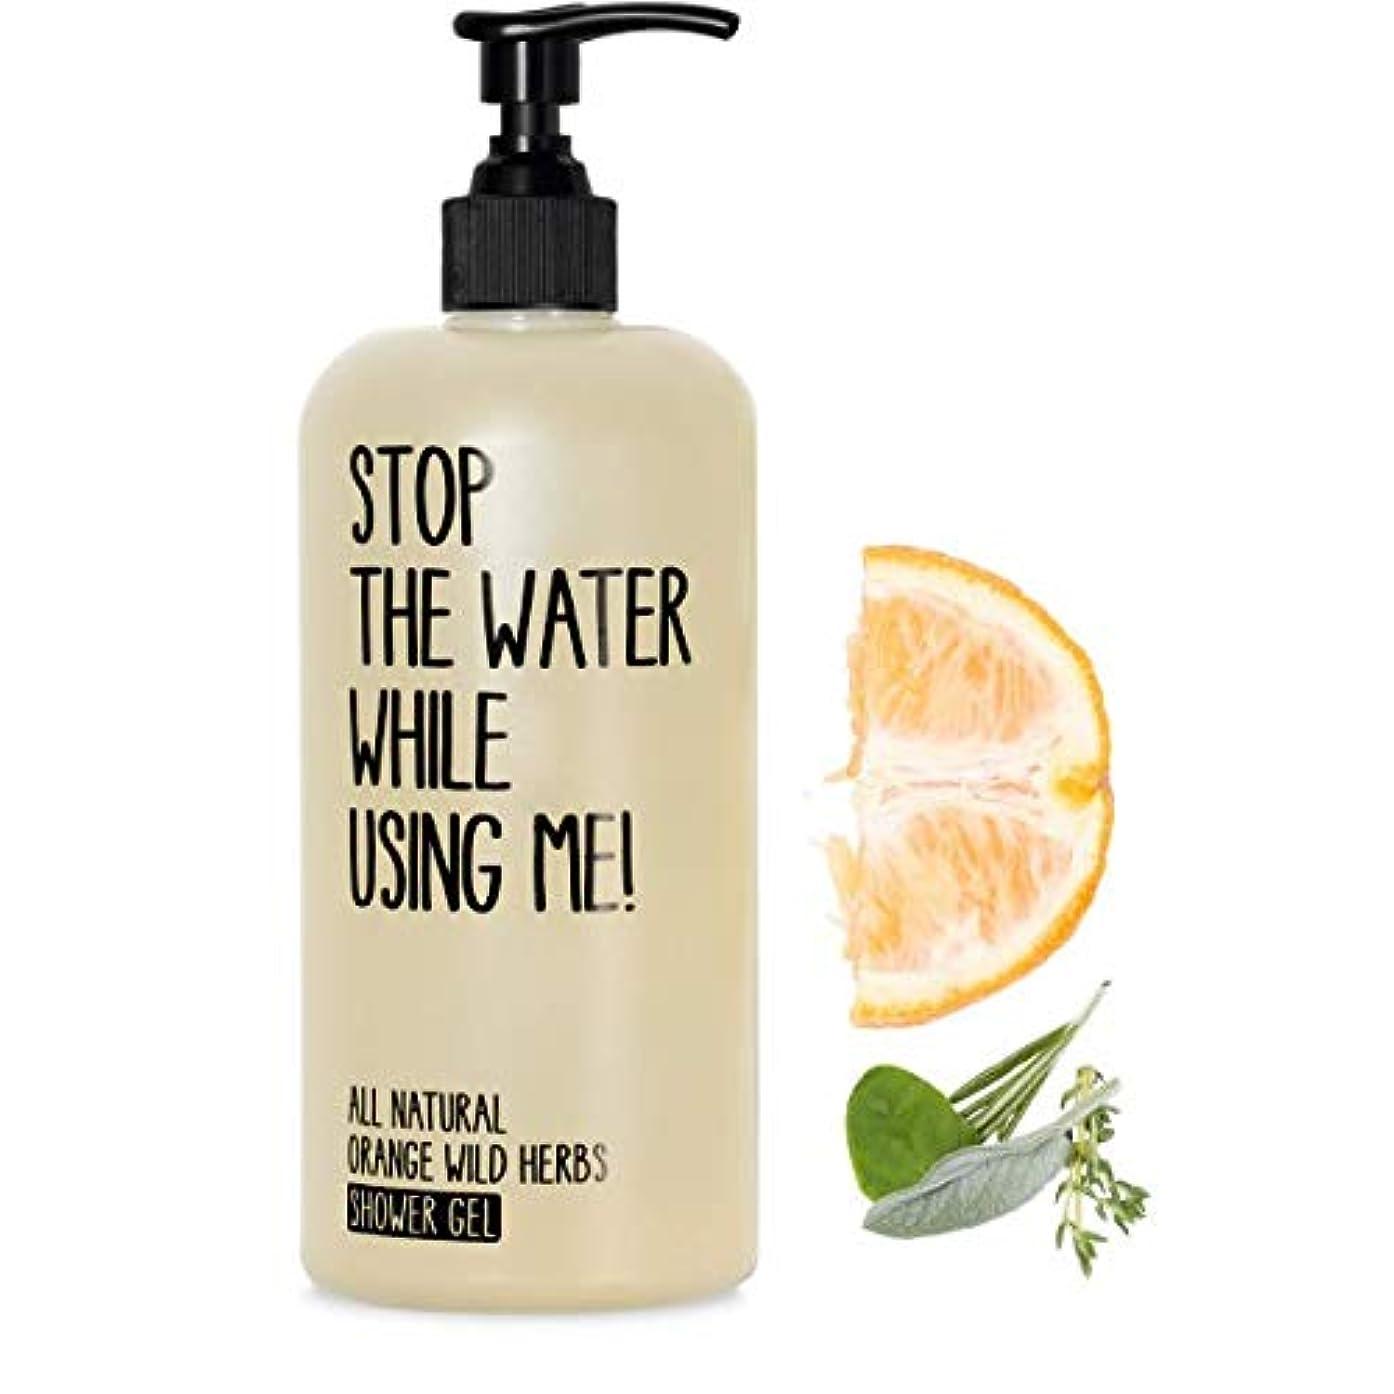 シガレット彫るシャーロットブロンテ【STOP THE WATER WHILE USING ME!】 O&WHシャワージェル(オレンジ&ワイルドハーブ) 200ml